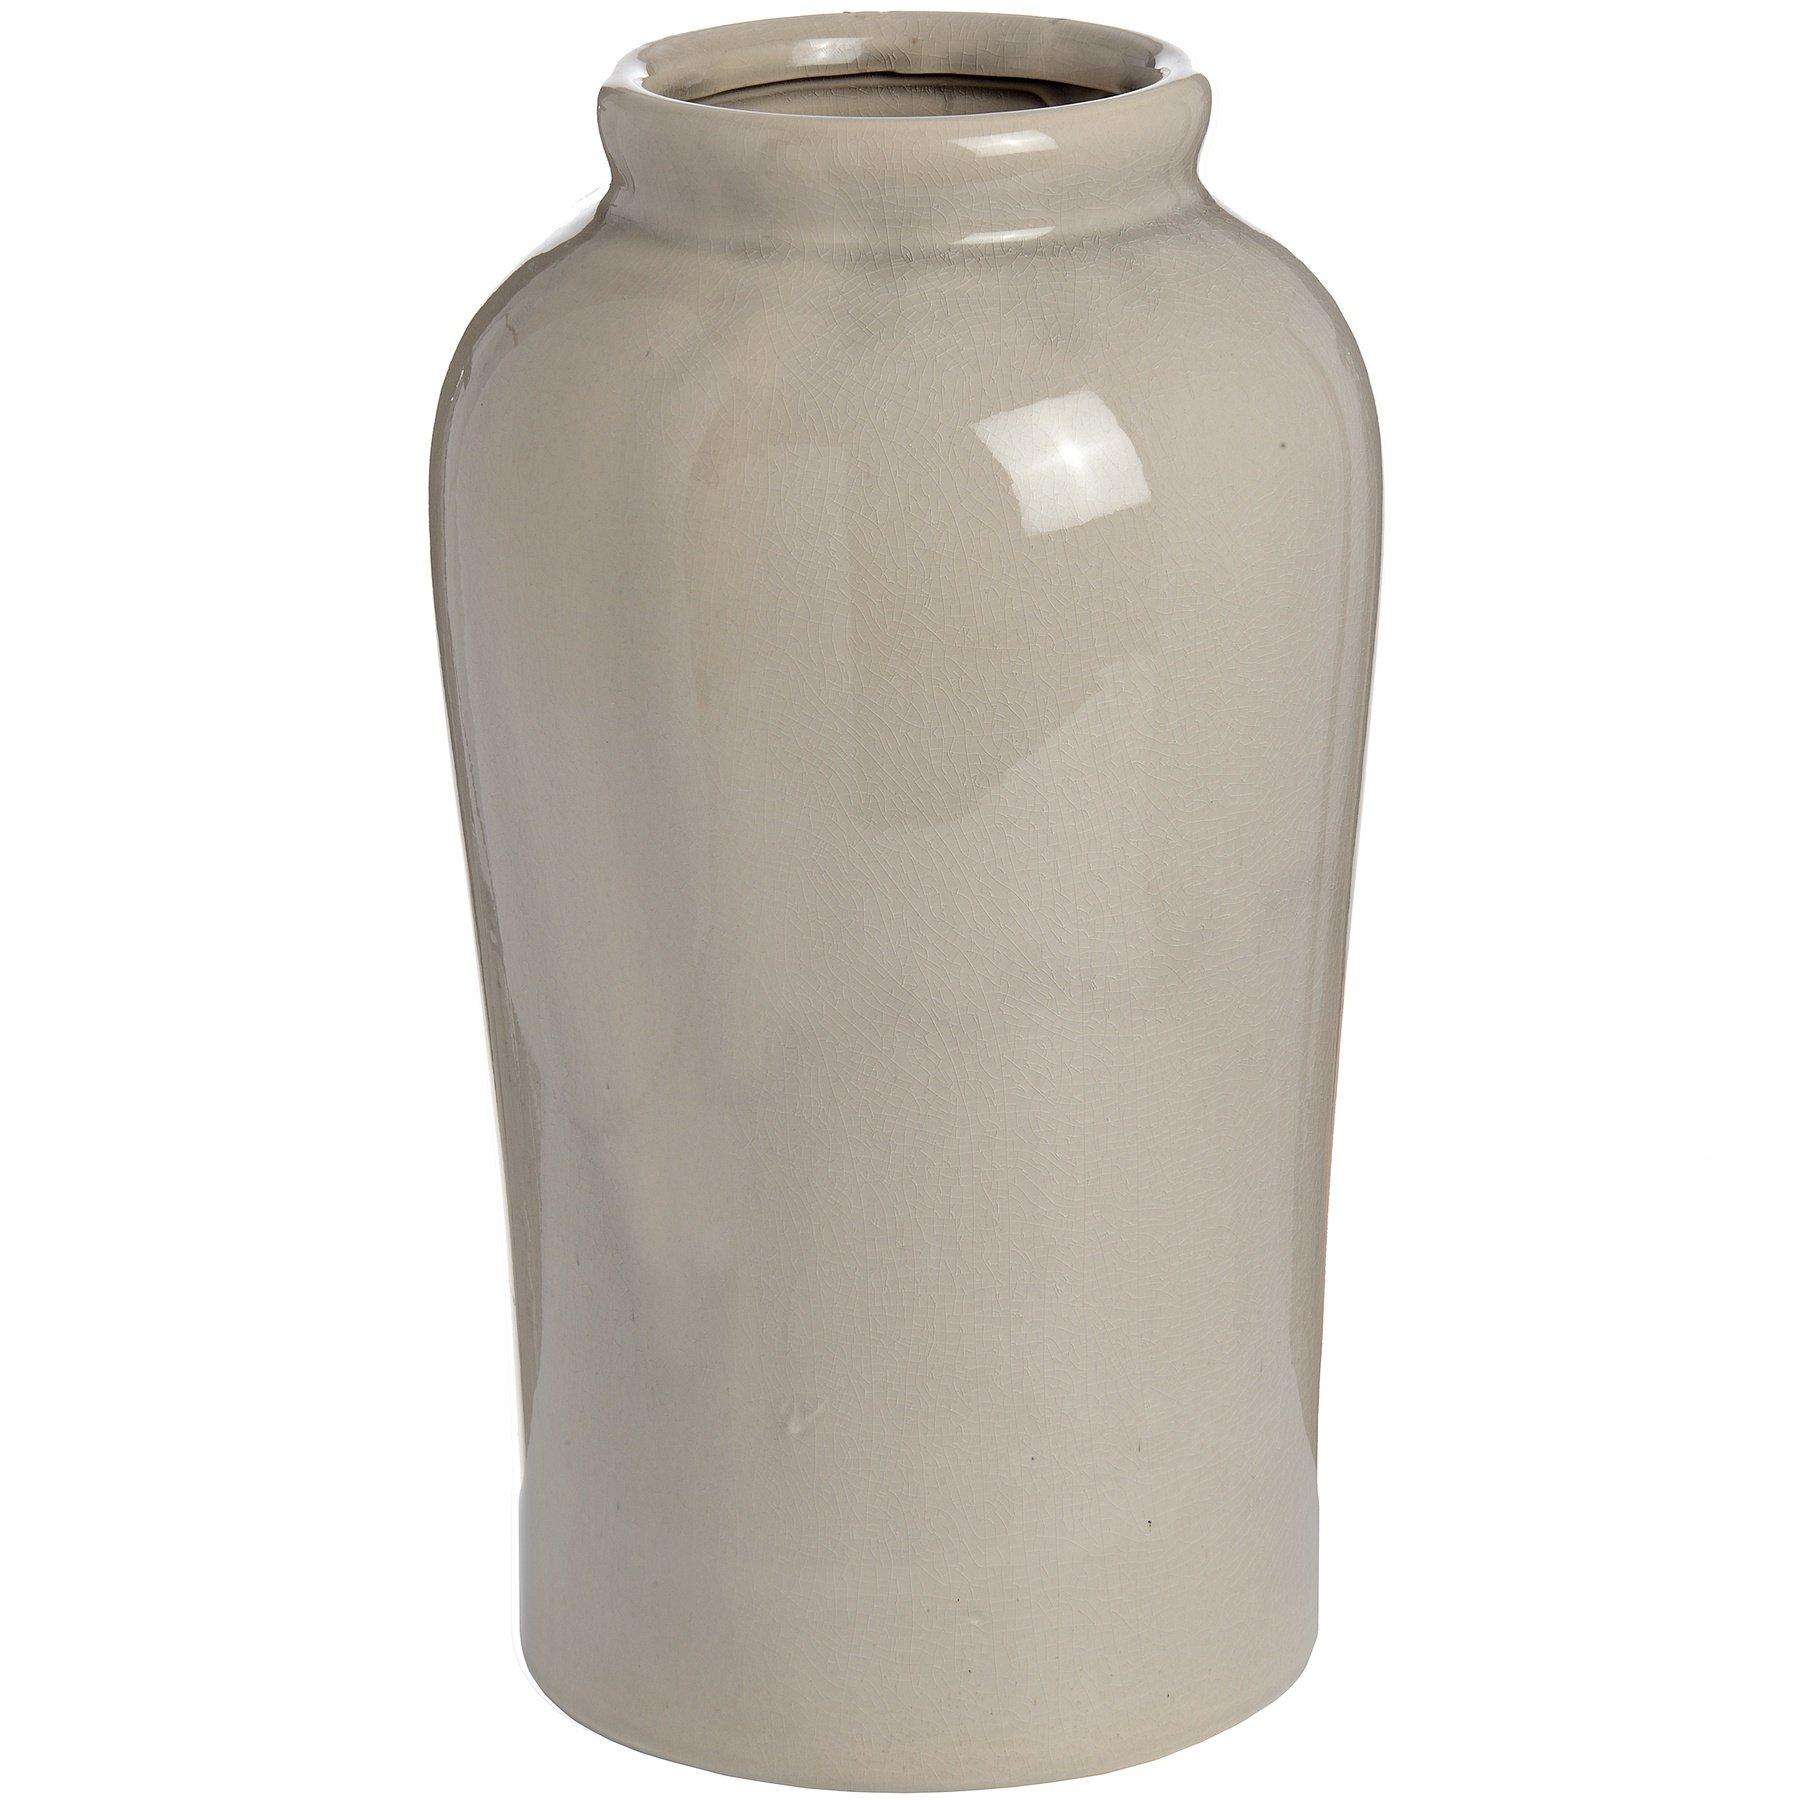 Hill Interiors Ceramic Lucca Vase (Medium (H8.8 x W8.8 x D15.1in)) (Gray)